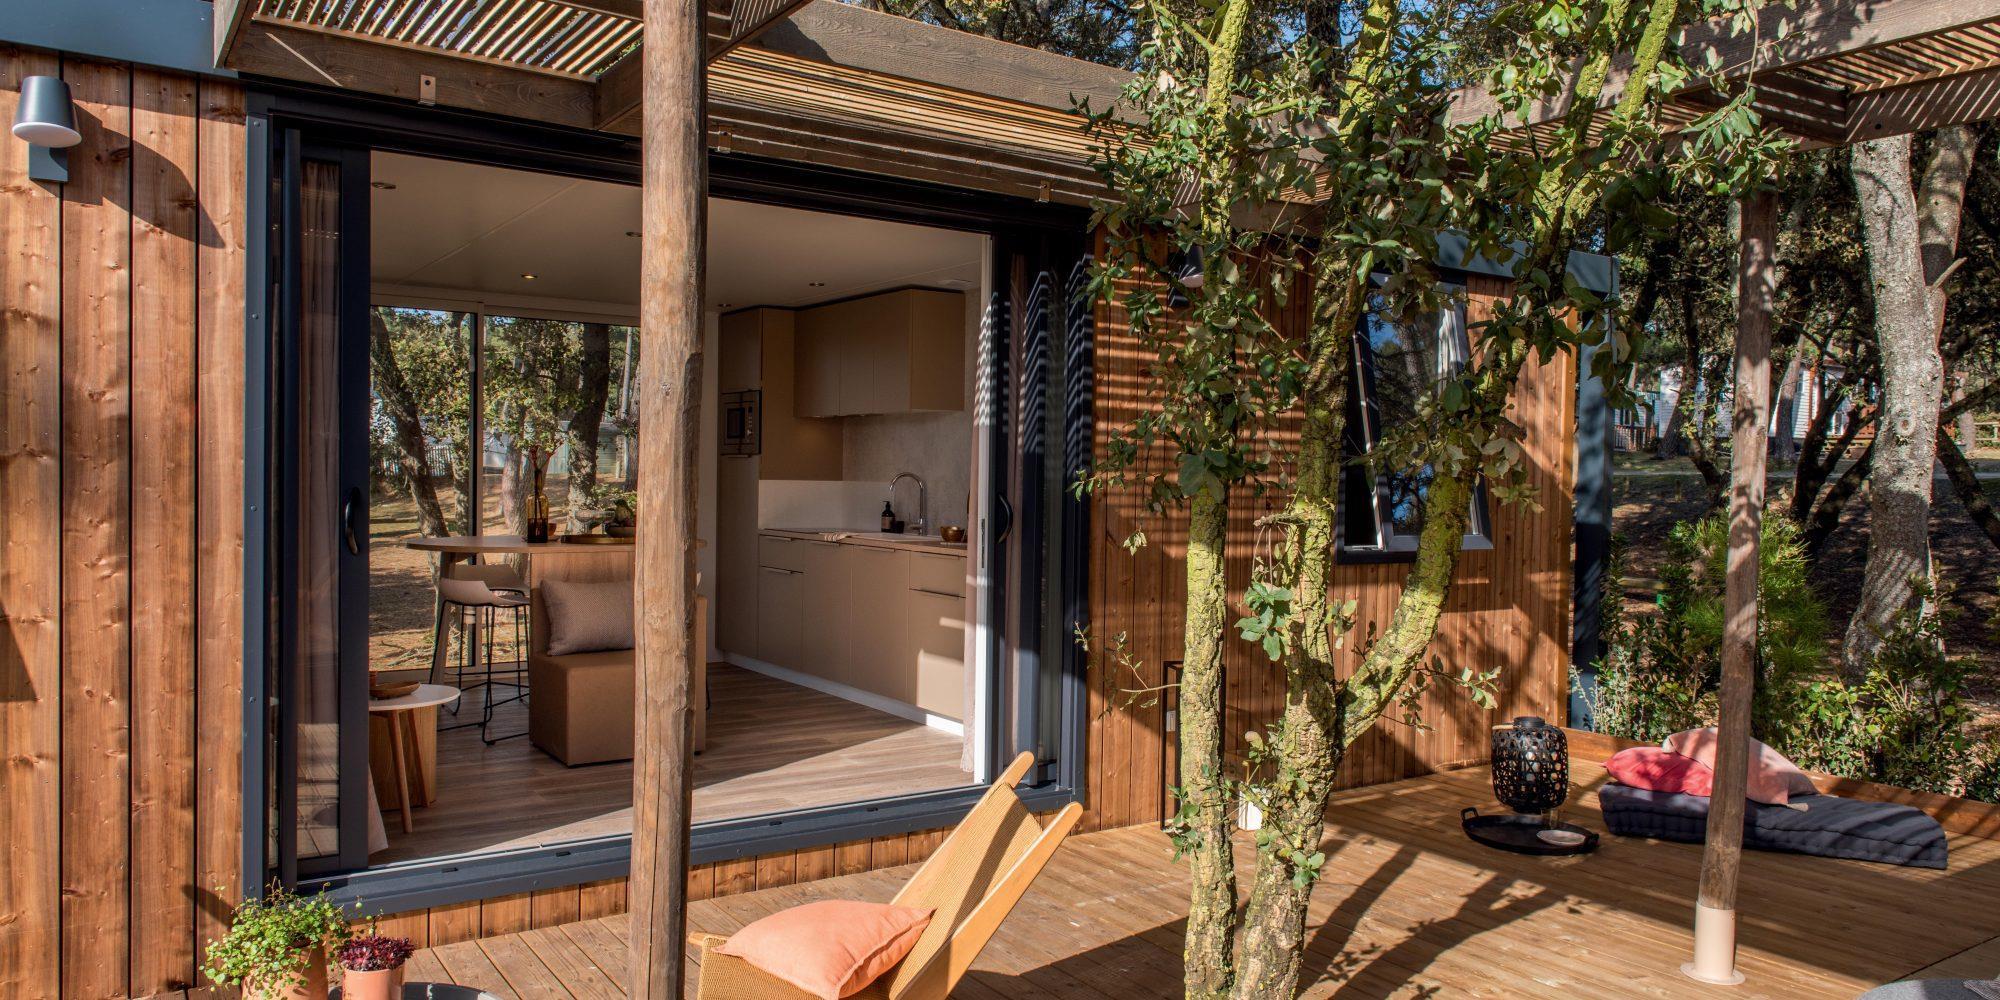 Location - Cottage Tribu Premium - 4 Chambres / 3 Salles De Bain - 61M² - Terrasse - Climatisé - Tv - Yelloh! Village Soleil Vivarais